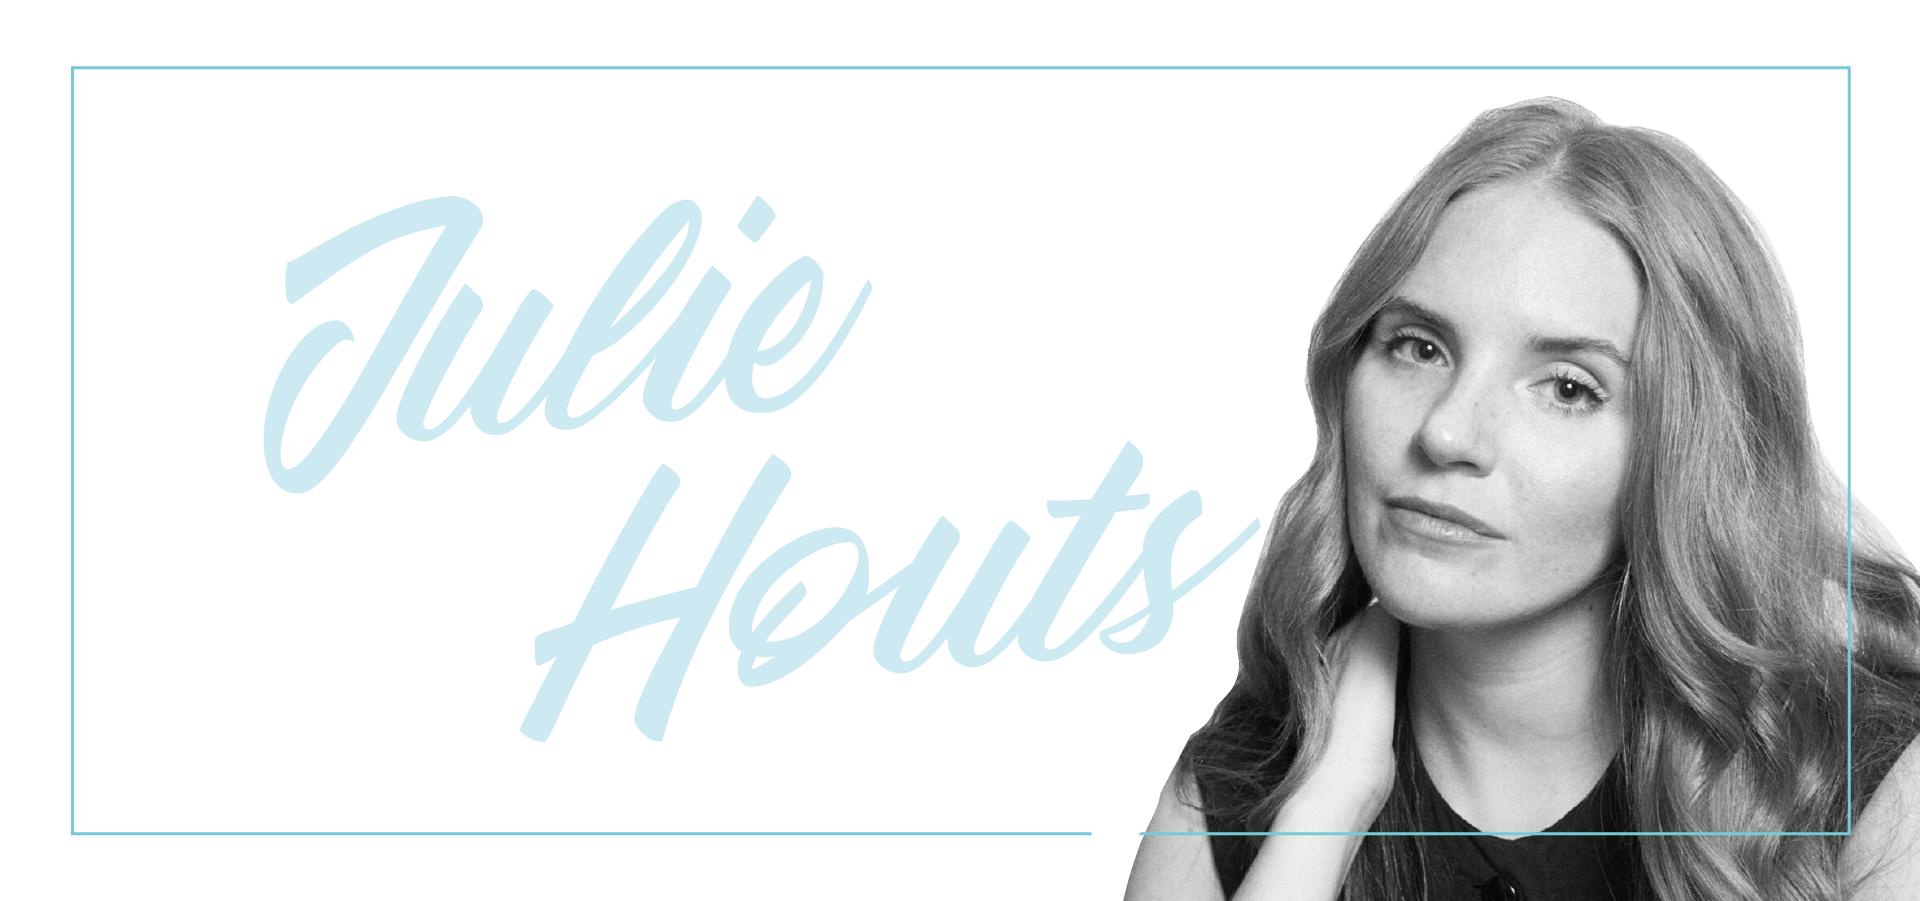 Julie_Houts_Header.png